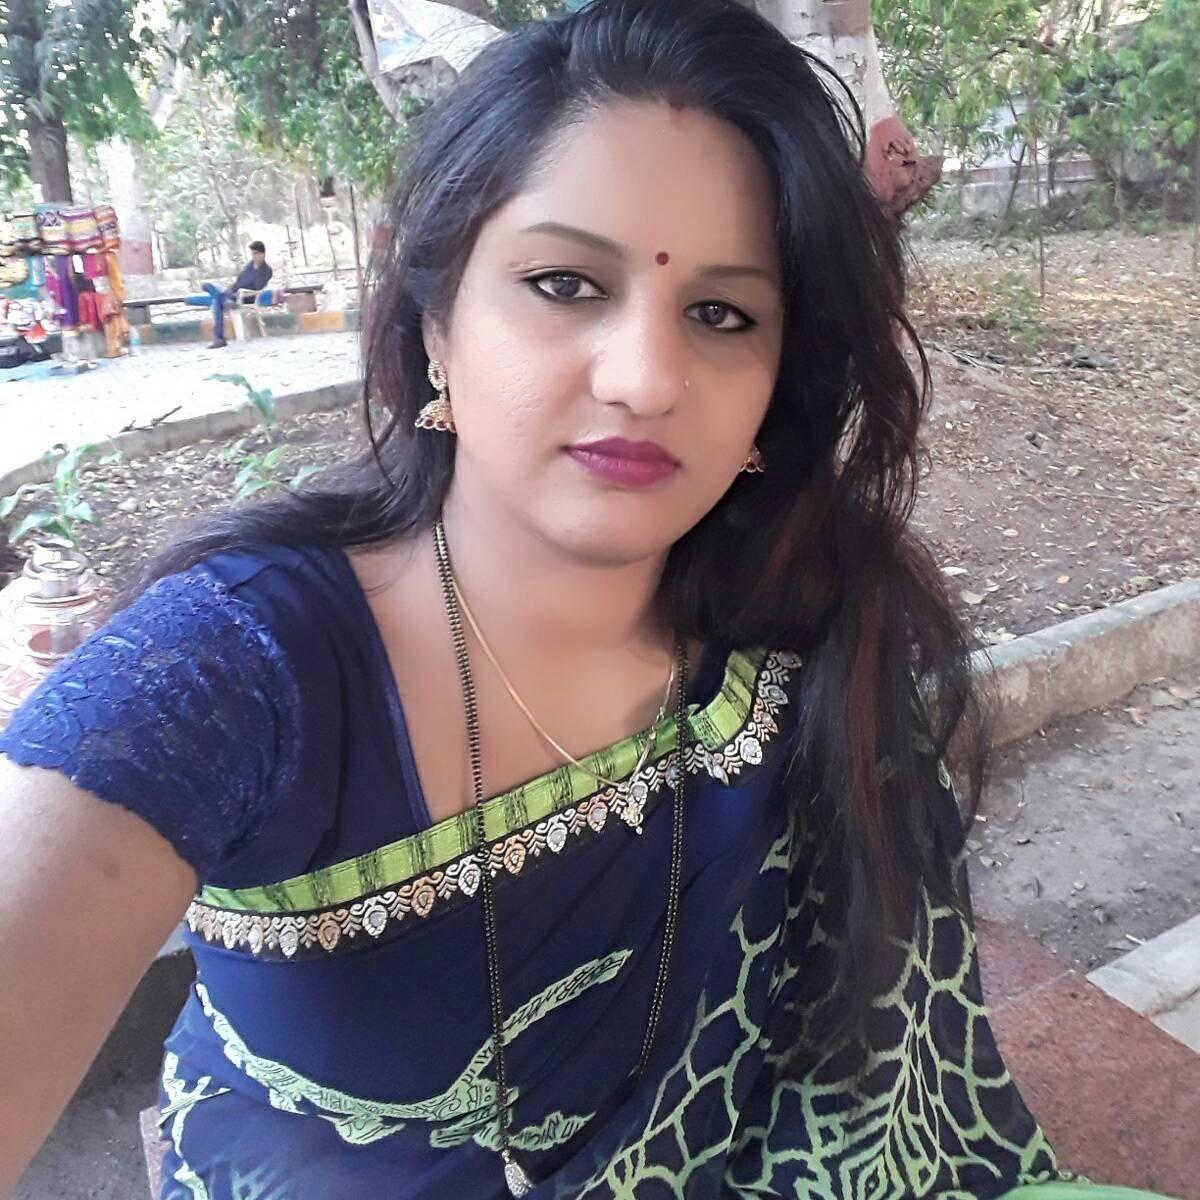 Indian Bhabhi New Bhabhi